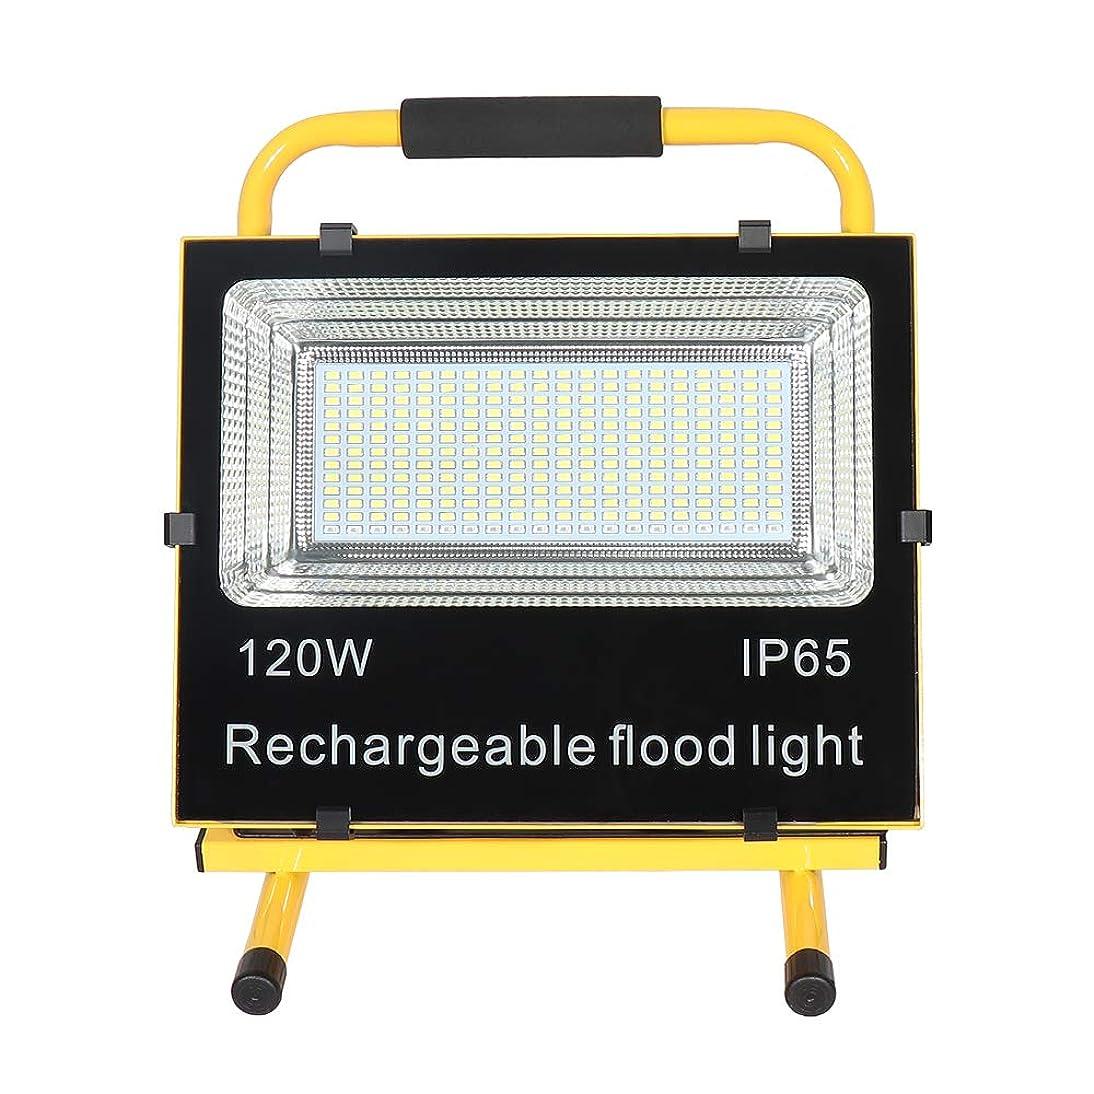 品韓国なだめるSAILUN 充電式 LED投光器 超薄型 SOSモード付 120w 超高輝度 広角 フラッドライト 看板灯 ワークライト 野外灯 駐車場灯 緊急 非常灯